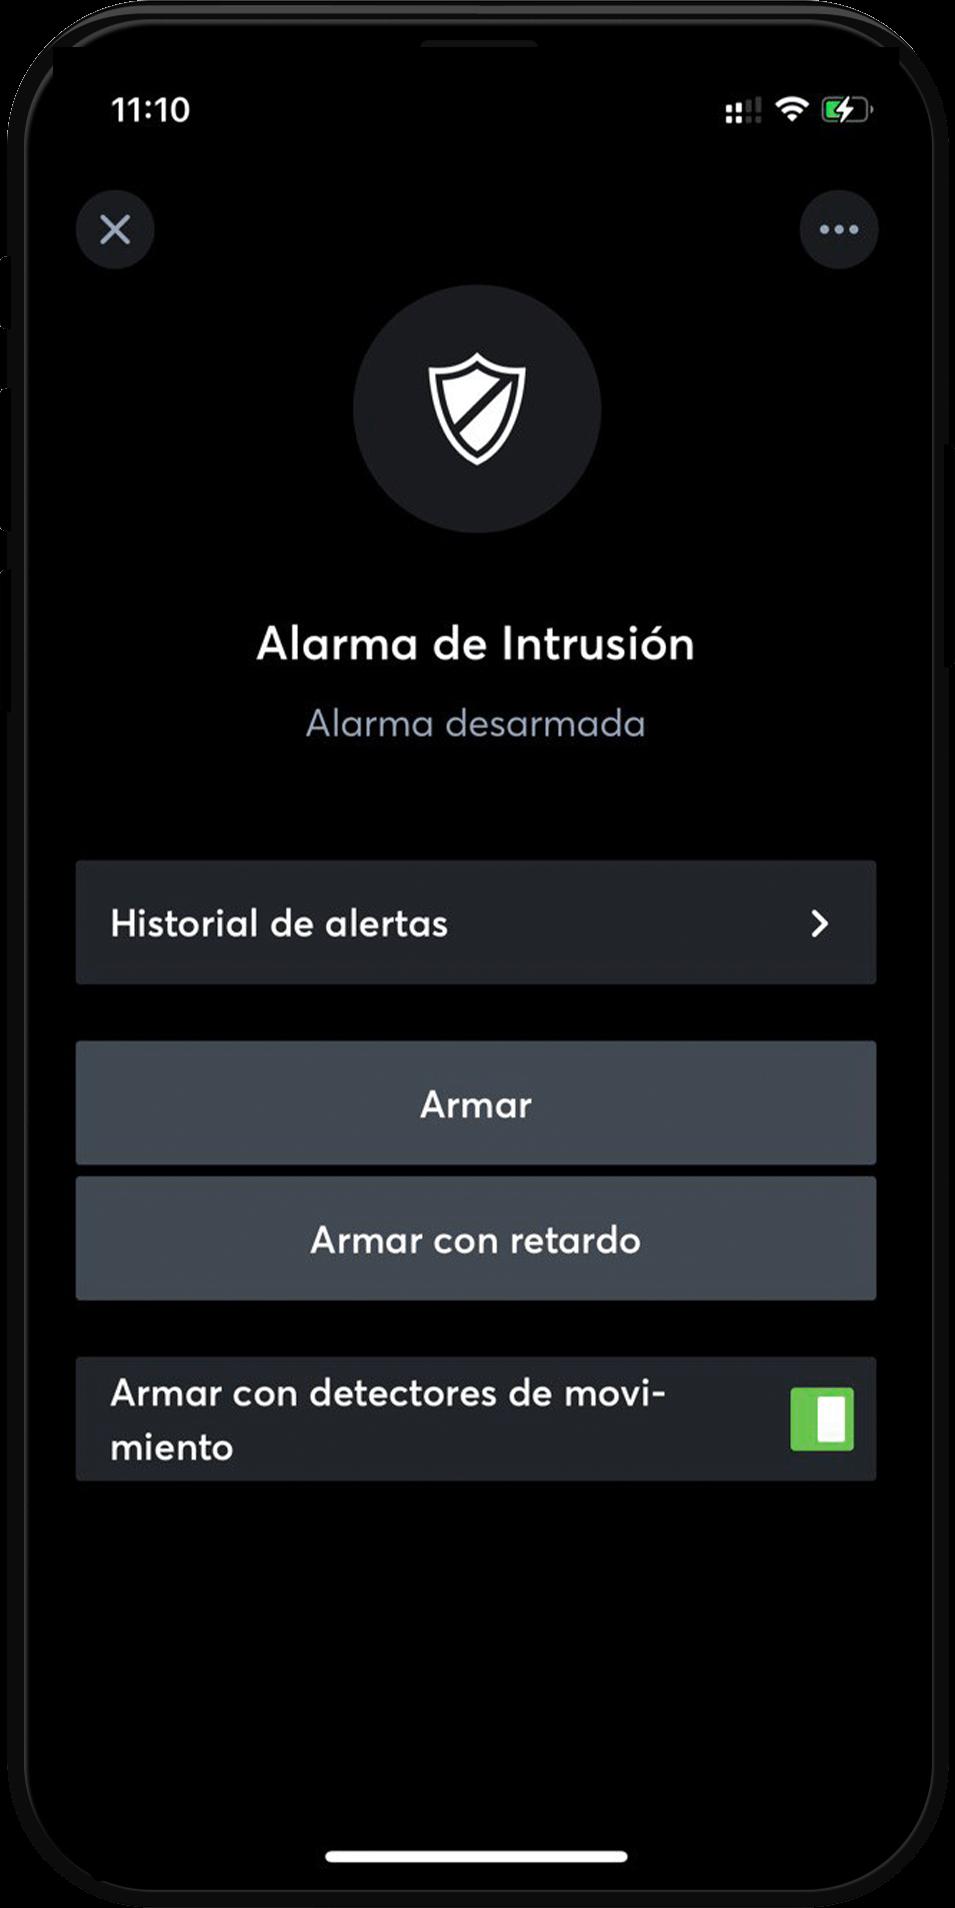 alarma-desactivada